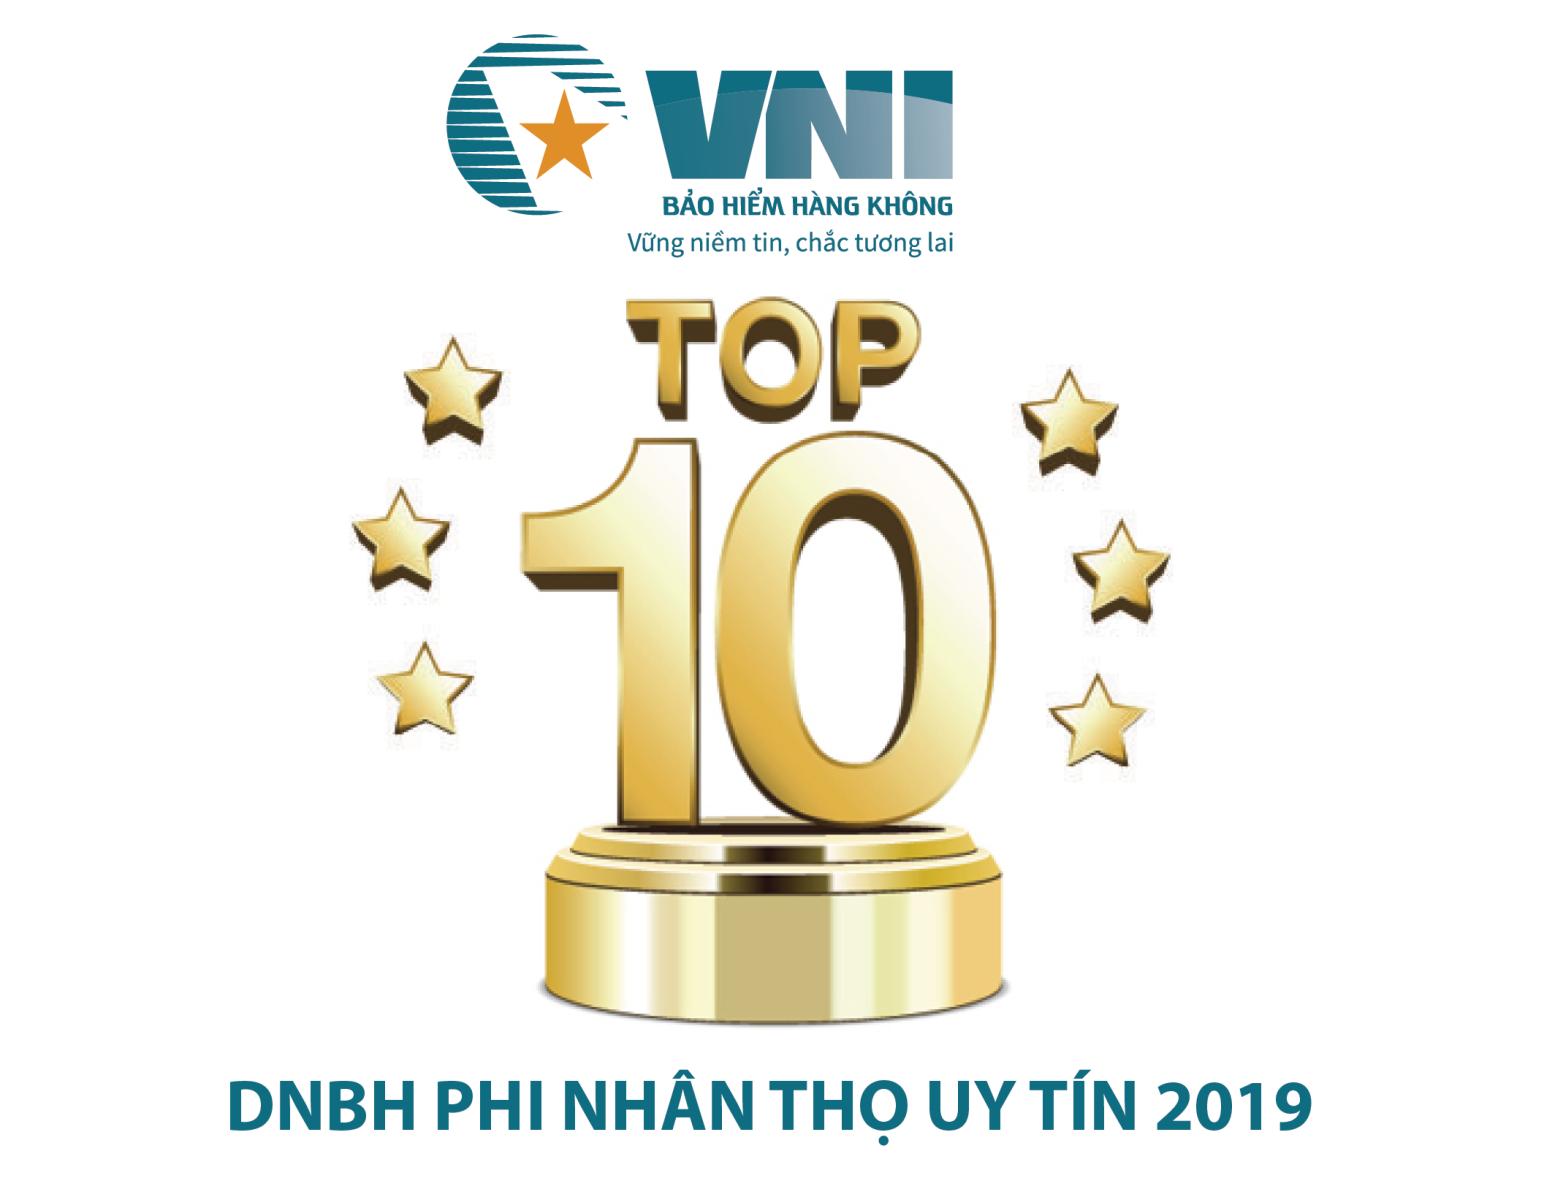 Top 10 Công ty bảo hiểm uy tín năm 2019